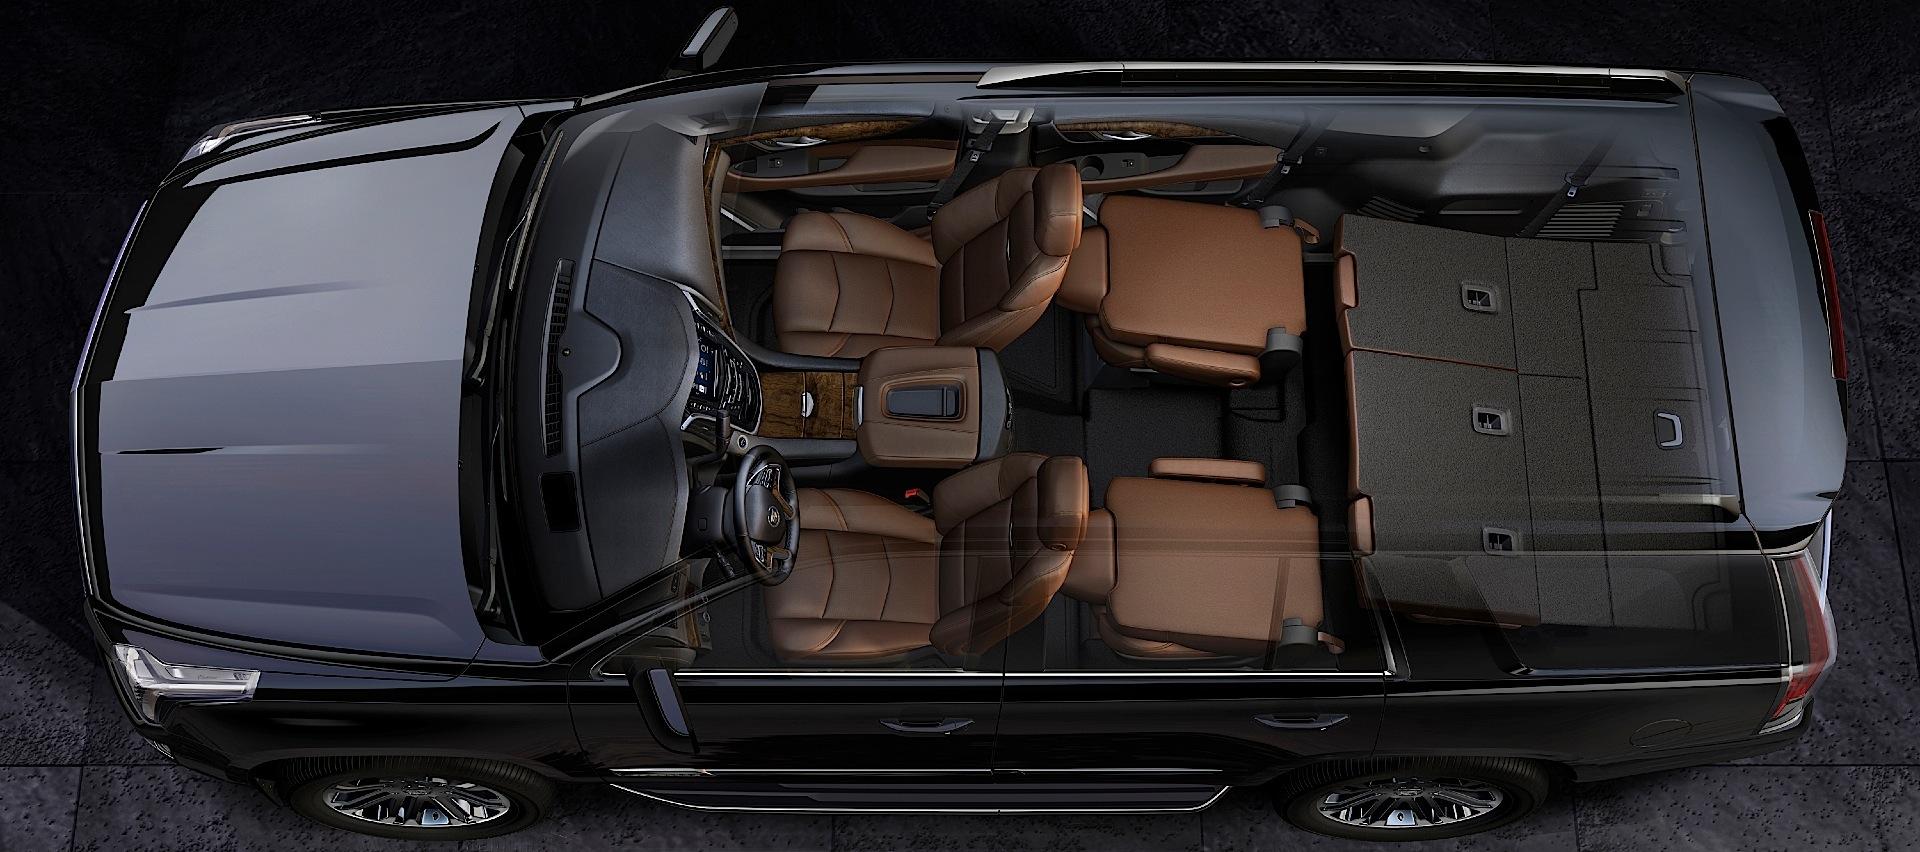 Cadillac Escalade Esv on Cadillac V8 Engine